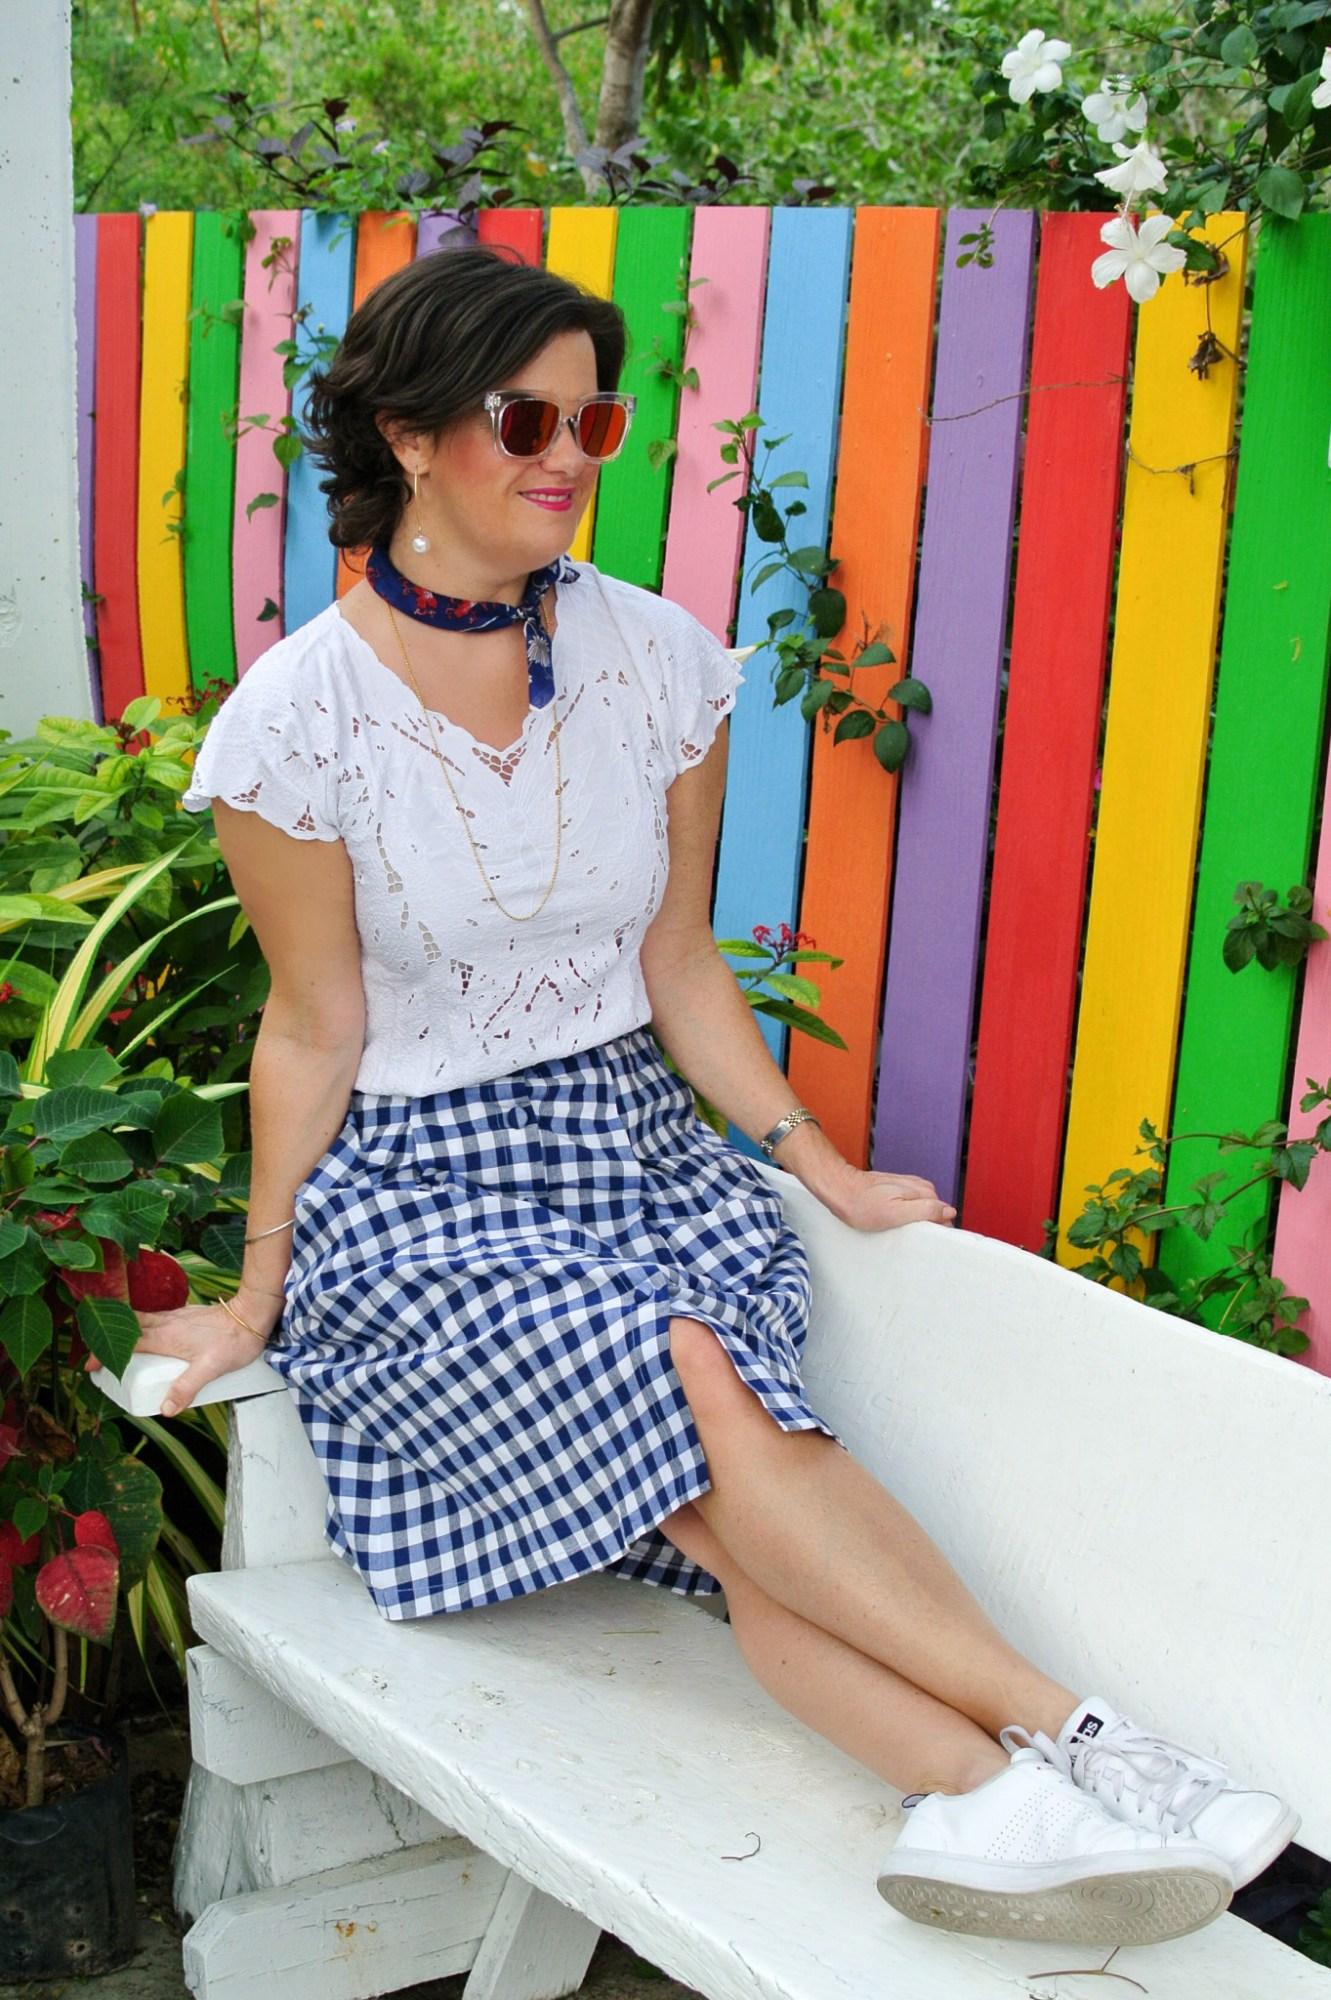 Gingham Skirt 2